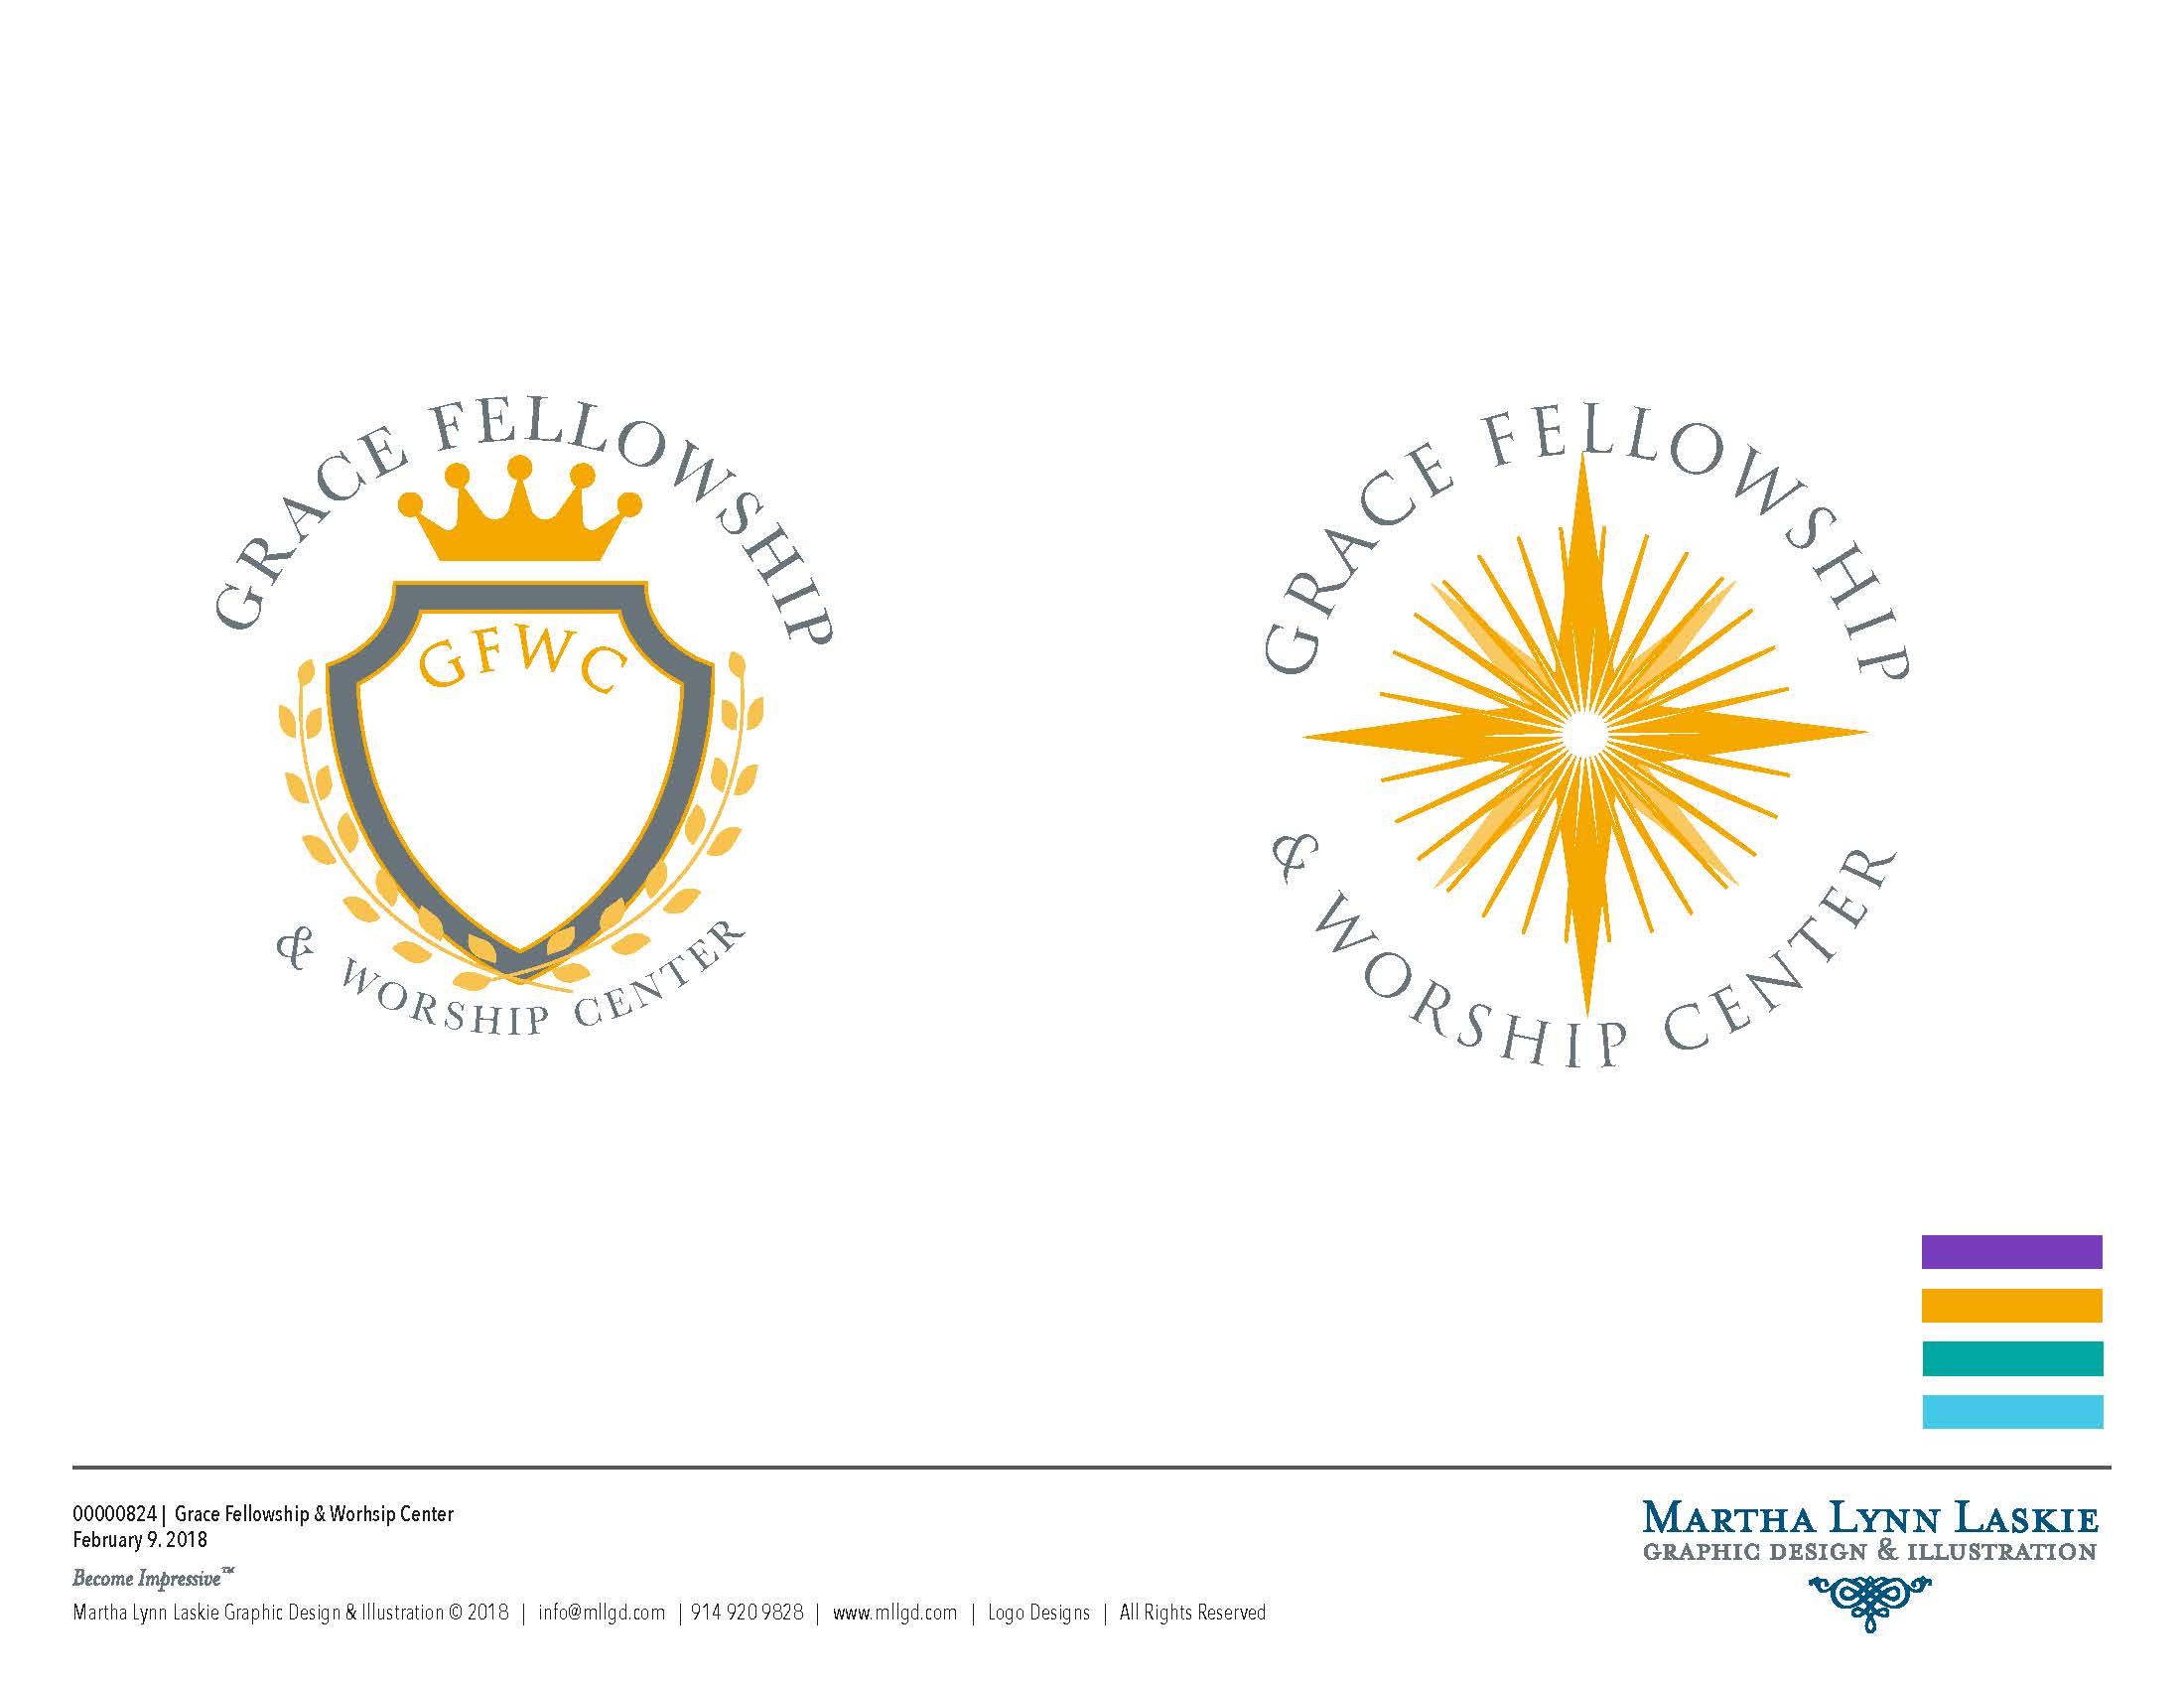 Logo Deisgn Archive 2013-2018_Page_020.jpg